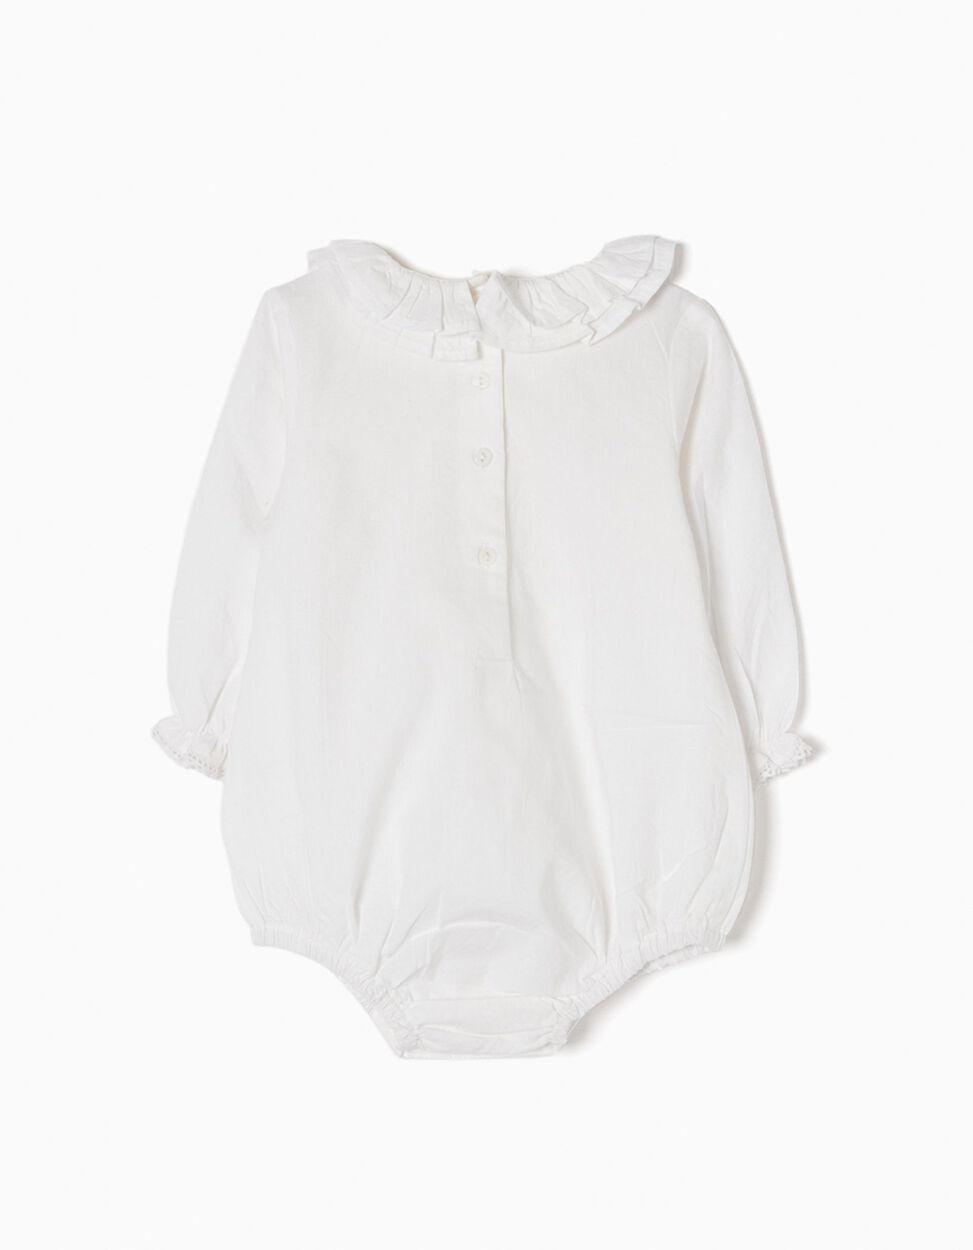 Body Blusa Branco com Folhos